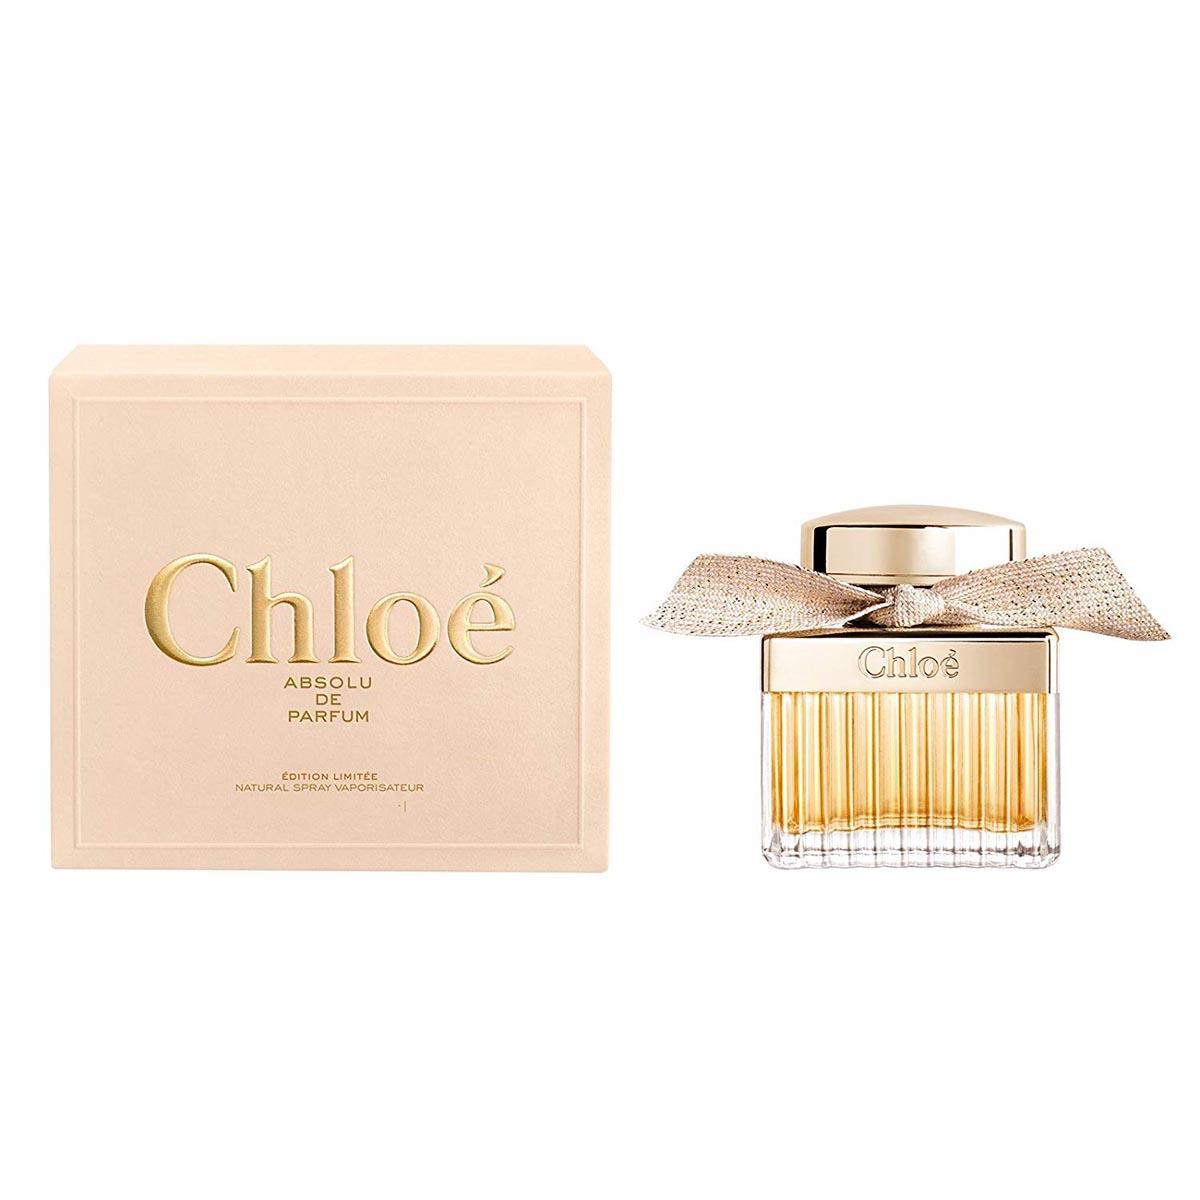 Chloe absolu de parfum 75ml vaporizador